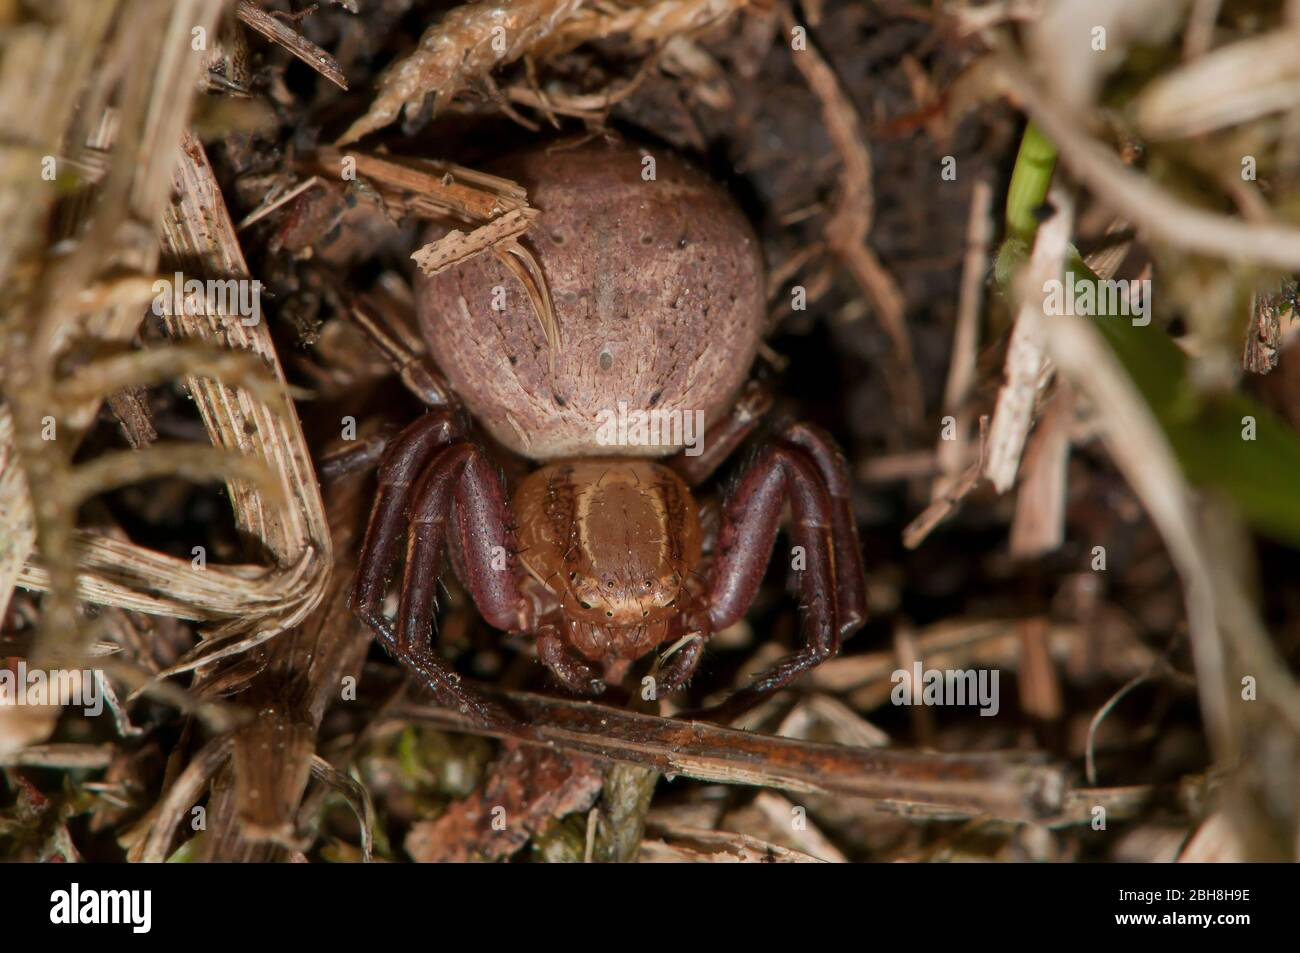 Bush crab spider, Xysticus cristatus, Xysticus viaticus, Bavaria, Germany Stock Photo